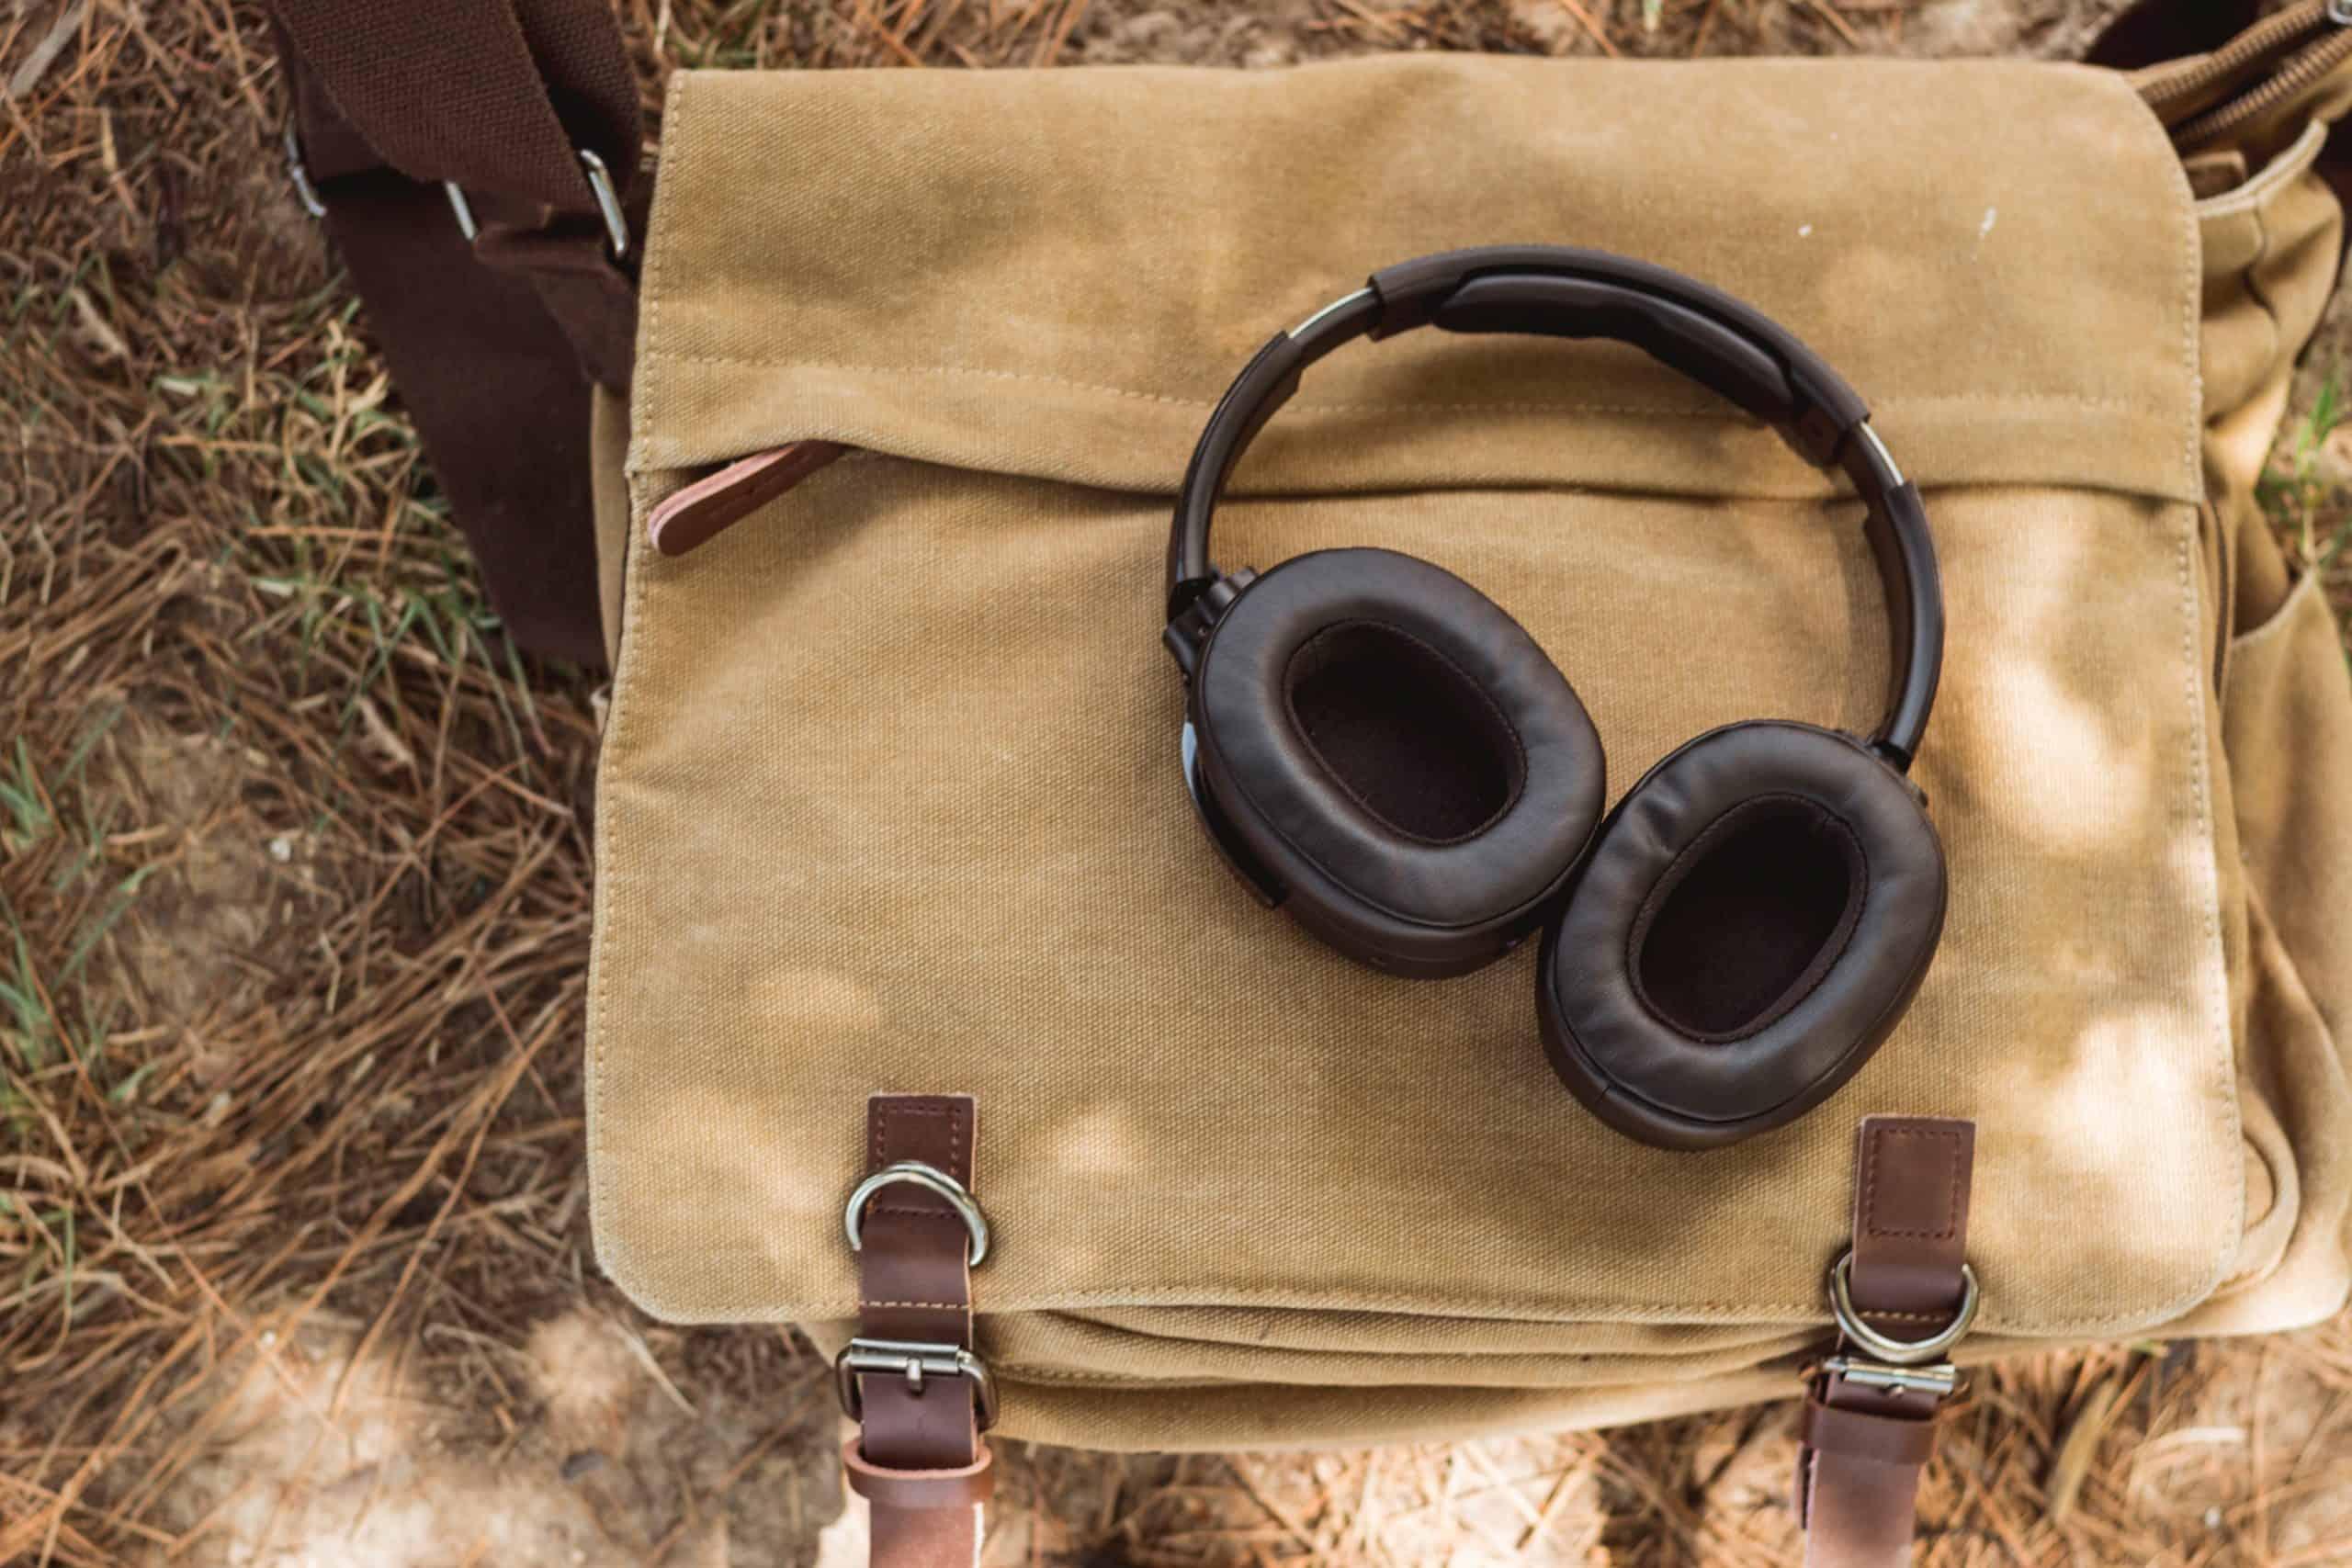 wireless headphones on shoulder bag